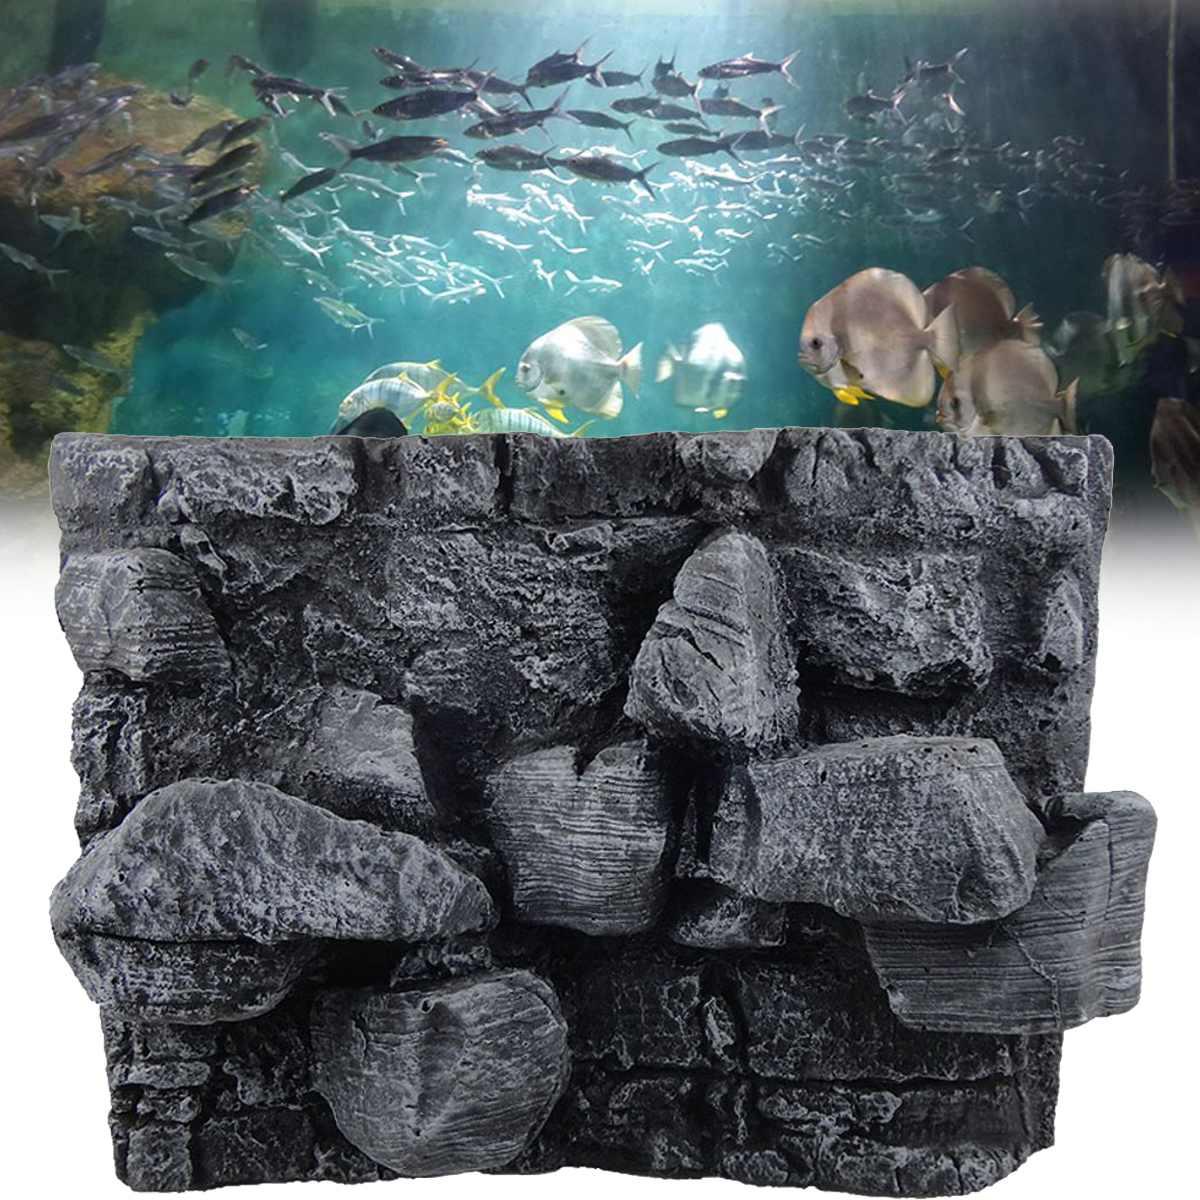 Reptiles grand 3D pierre roche Aquarium fond PU conseil poisson réservoir toile de fond plaque aquatique mur décorations